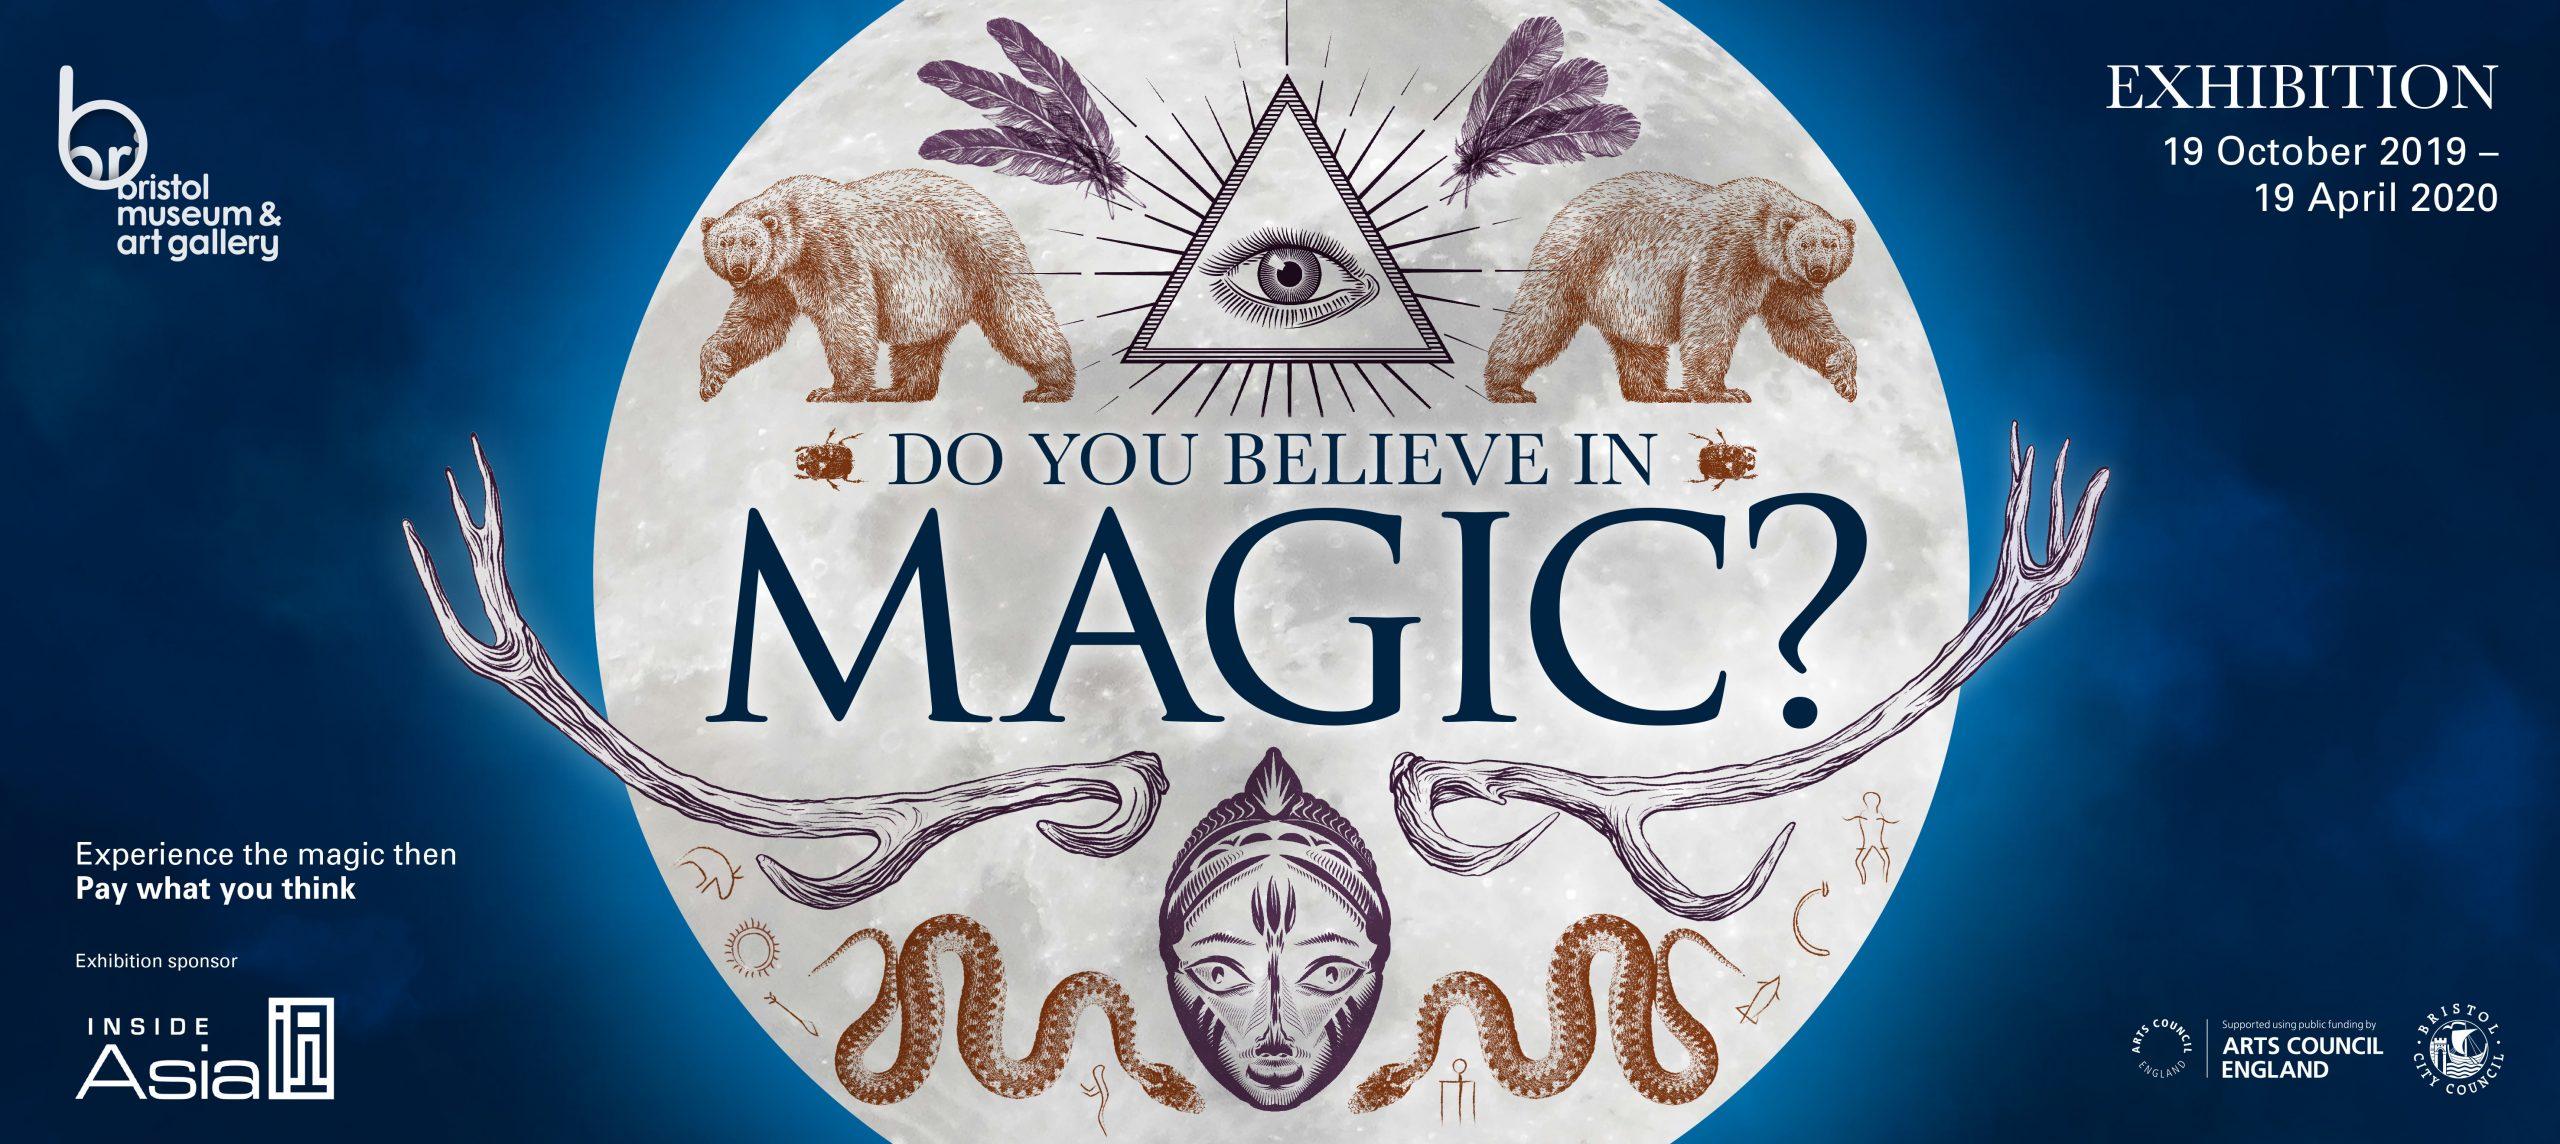 Magic Exhibition